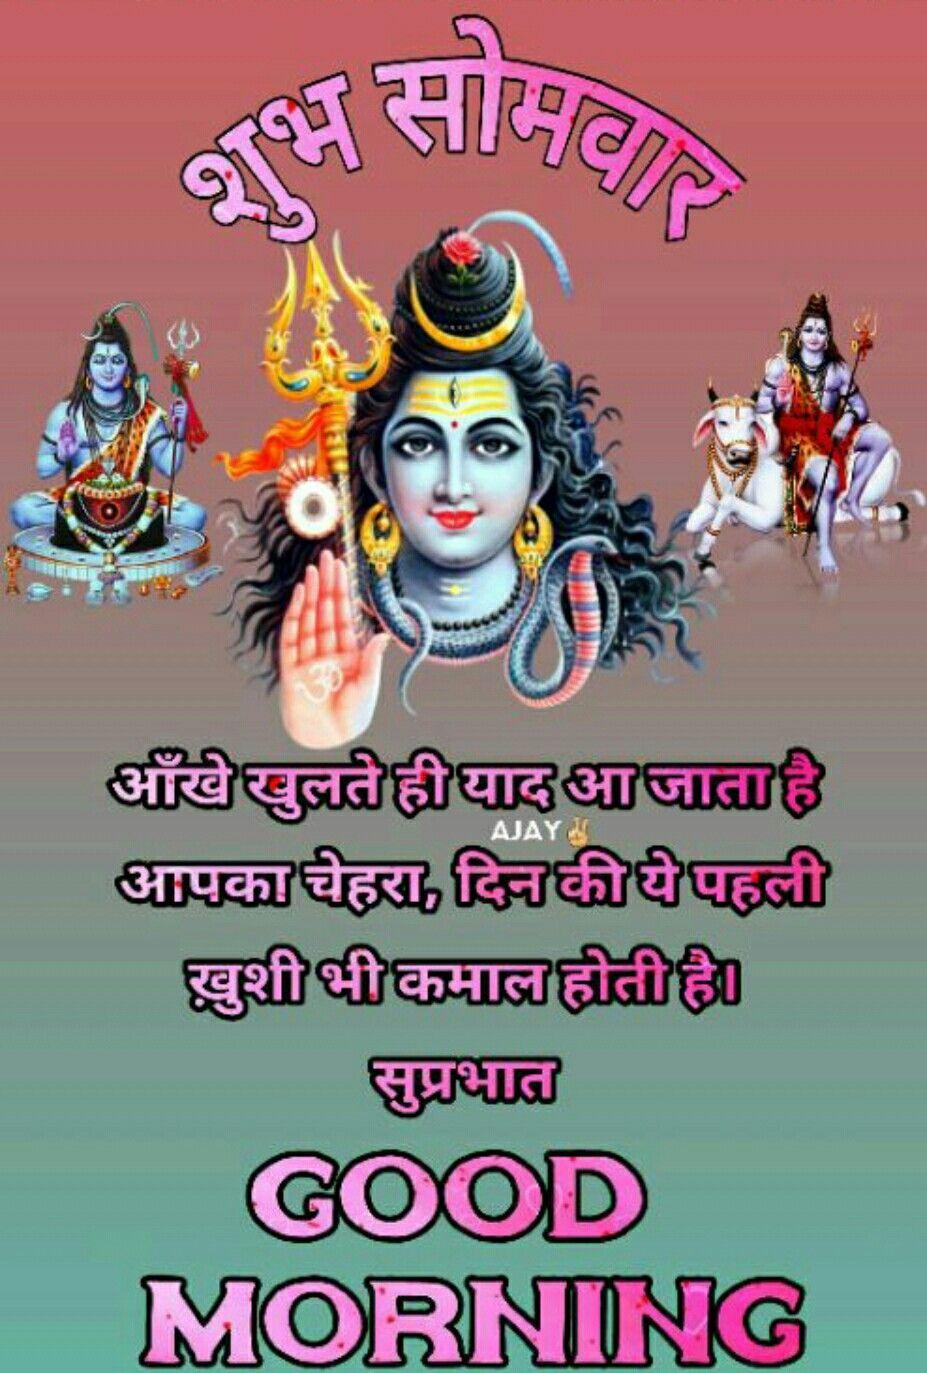 Satrughana Good Morning In Hindi Good Morning Images Morning Images